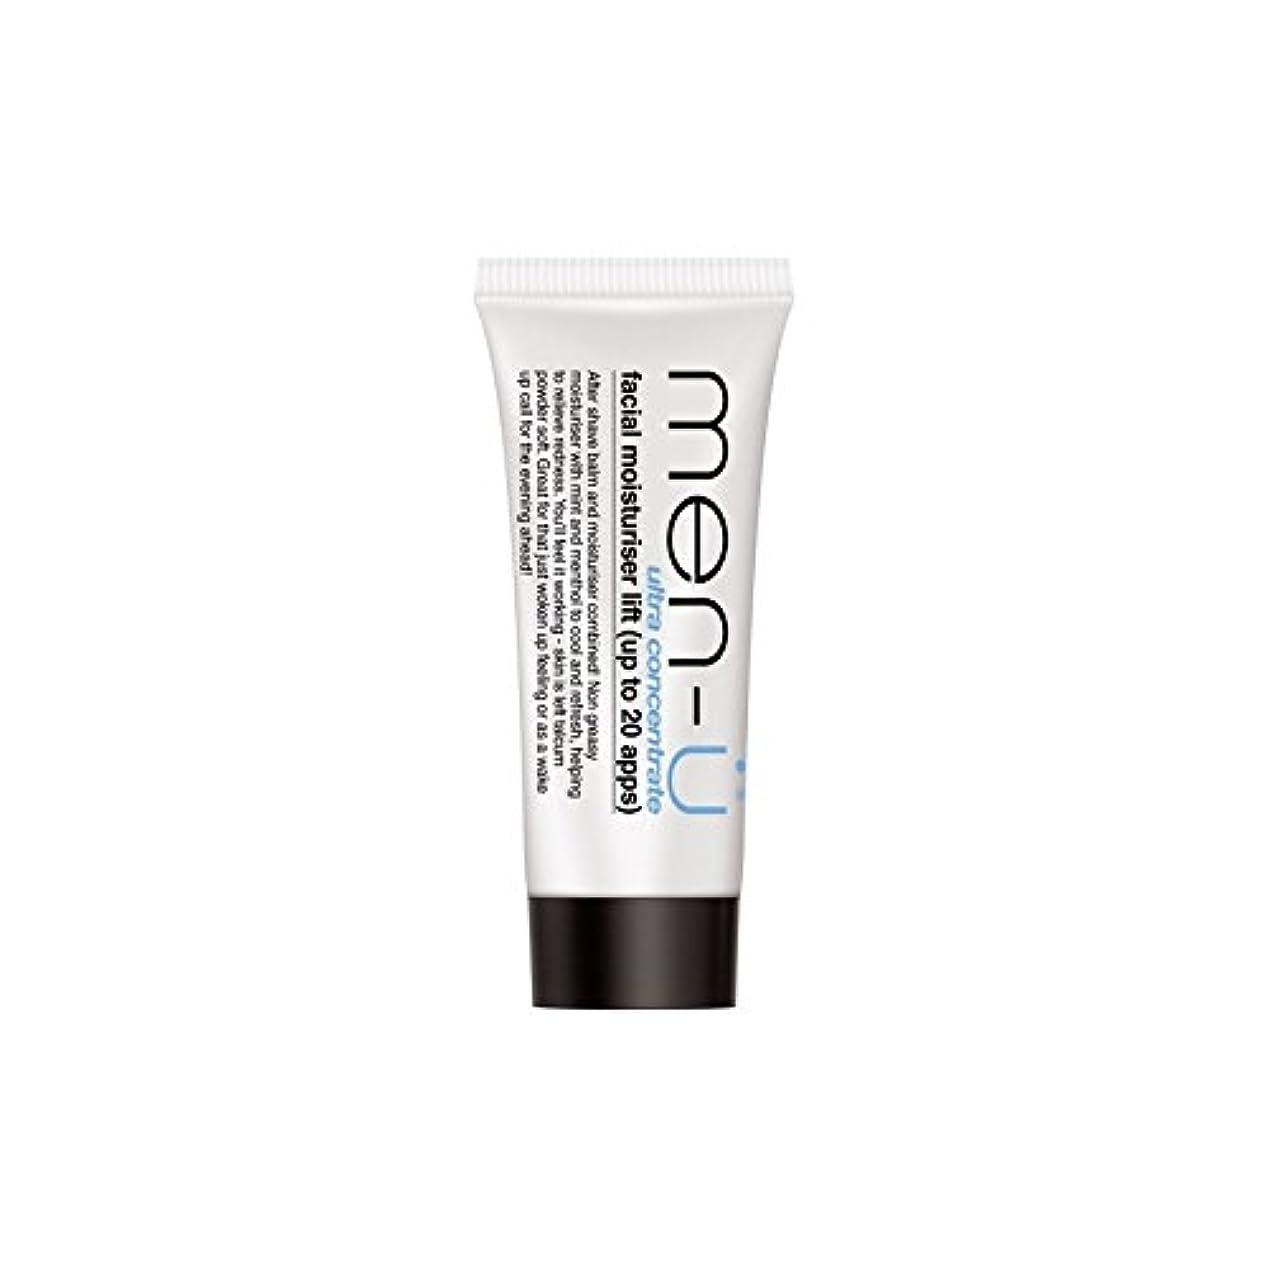 典型的な失効スティーブンソン男性-のバディ顔の保湿剤のリフトチューブ(15ミリリットル) x2 - Men-? Buddy Facial Moisturiser Lift Tube (15ml) (Pack of 2) [並行輸入品]